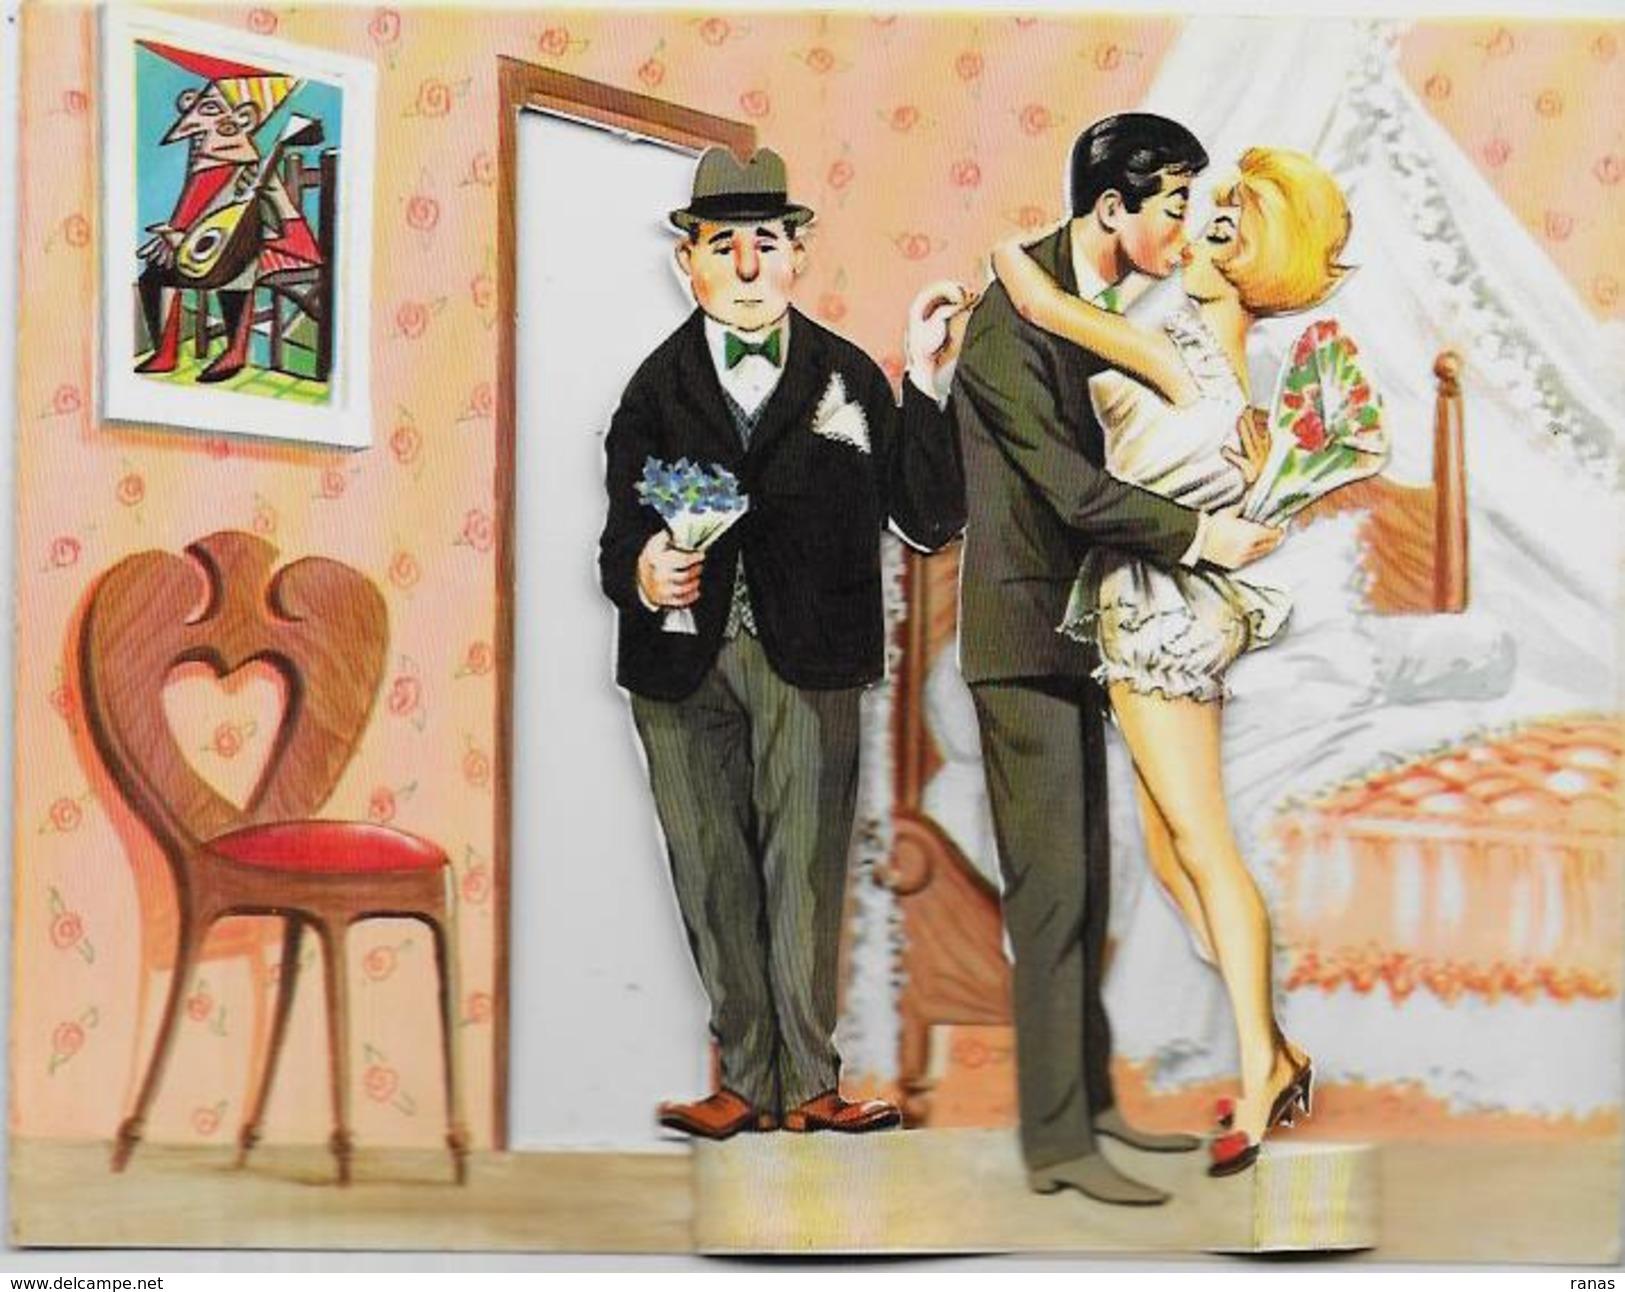 CPSM Système Louis Carrière Femme Girl Woman érotisme Non Circulé Photochrom 2130 En 2 Volets Voir Scan - Carrière, Louis